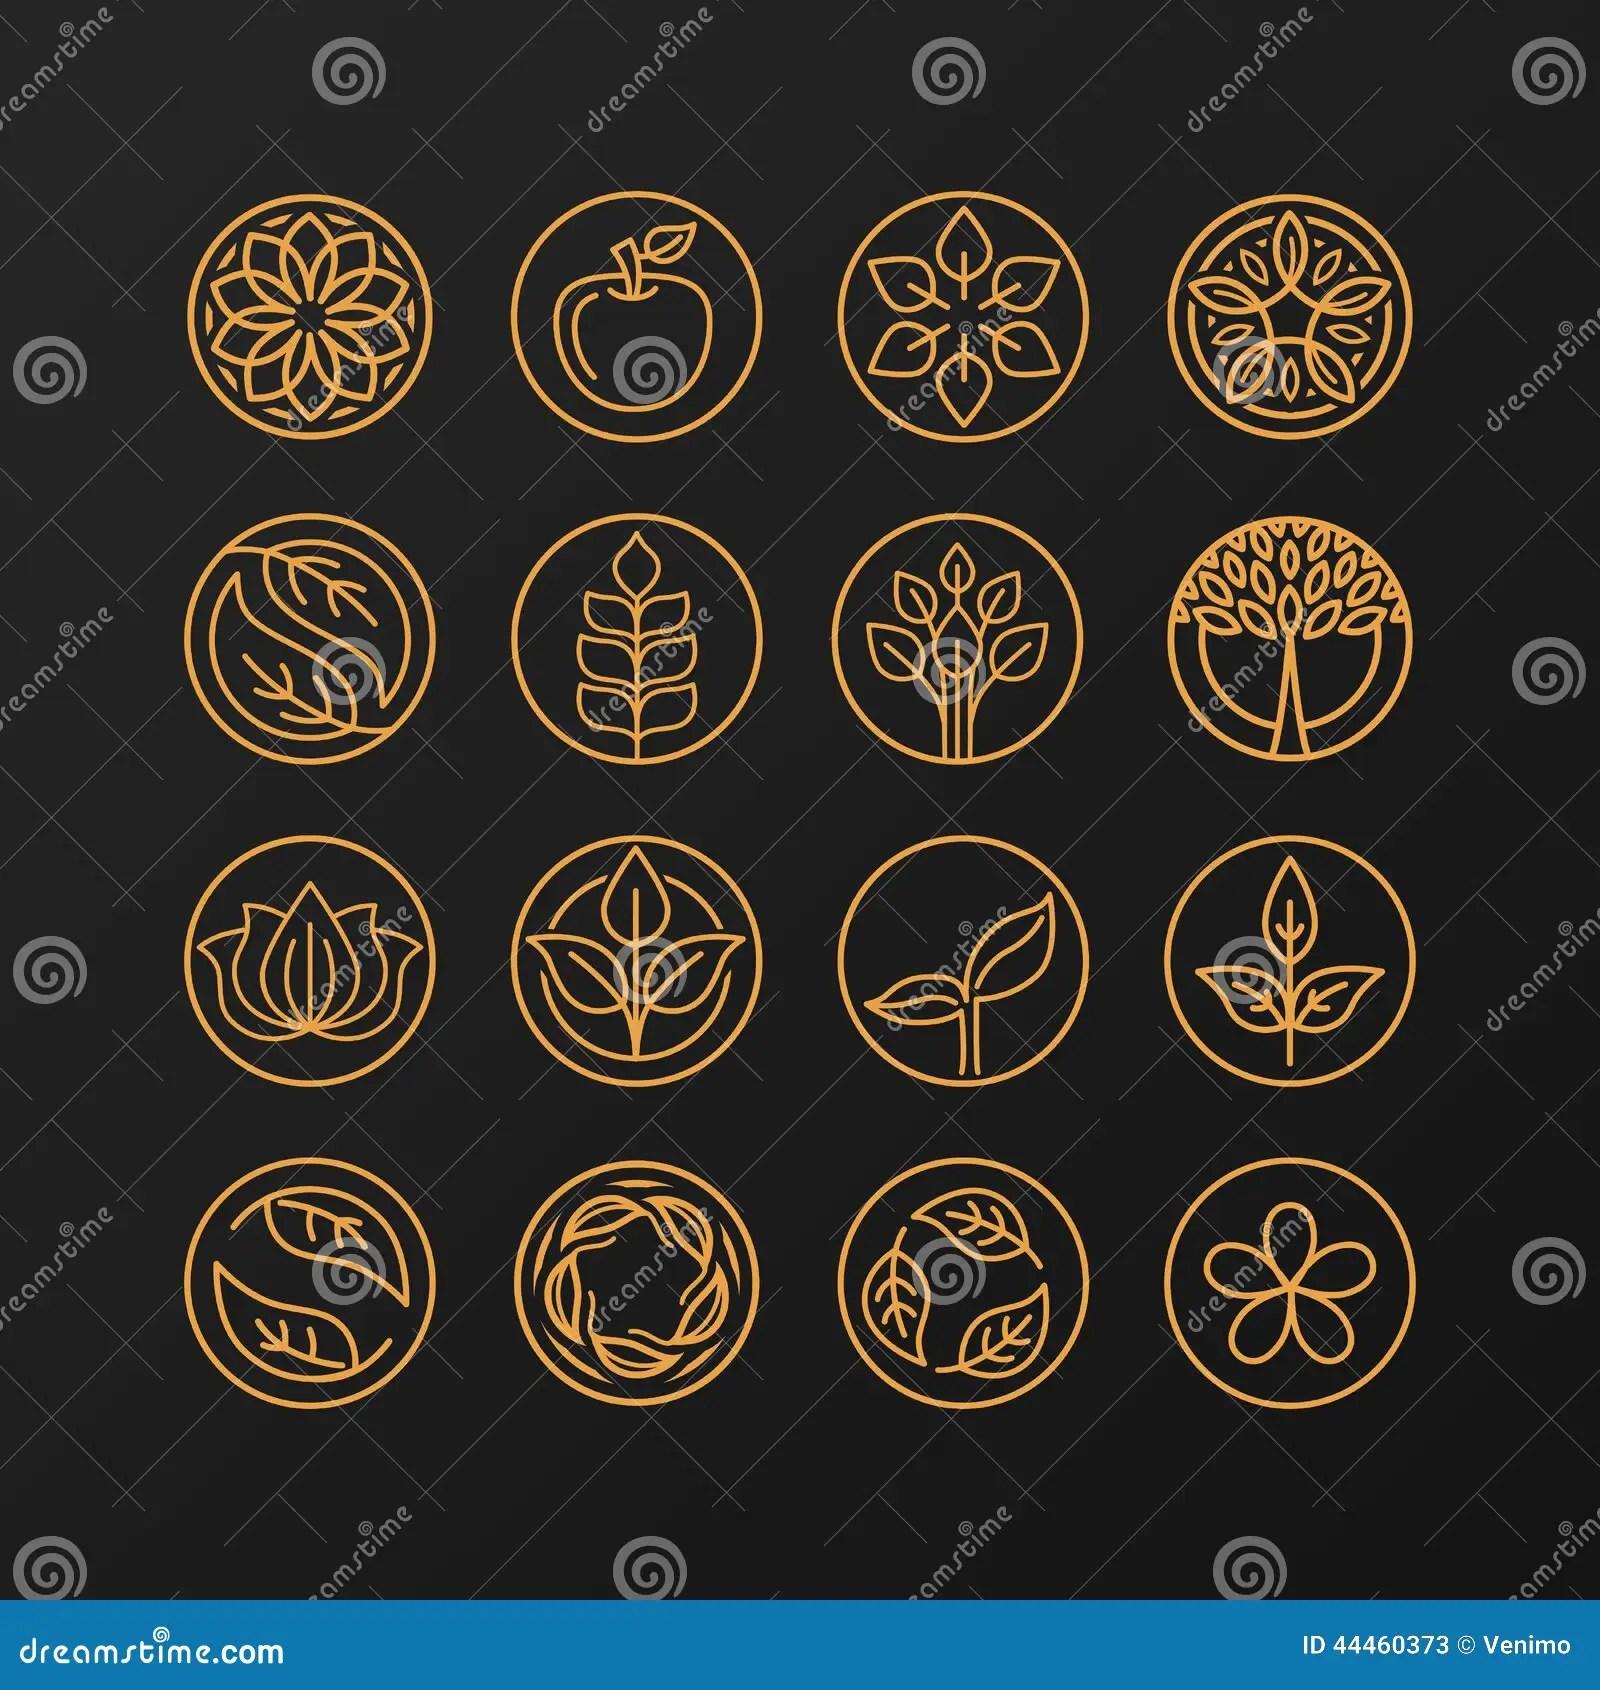 Vector Abstract Emblem  Nature Symbols Stock Vector